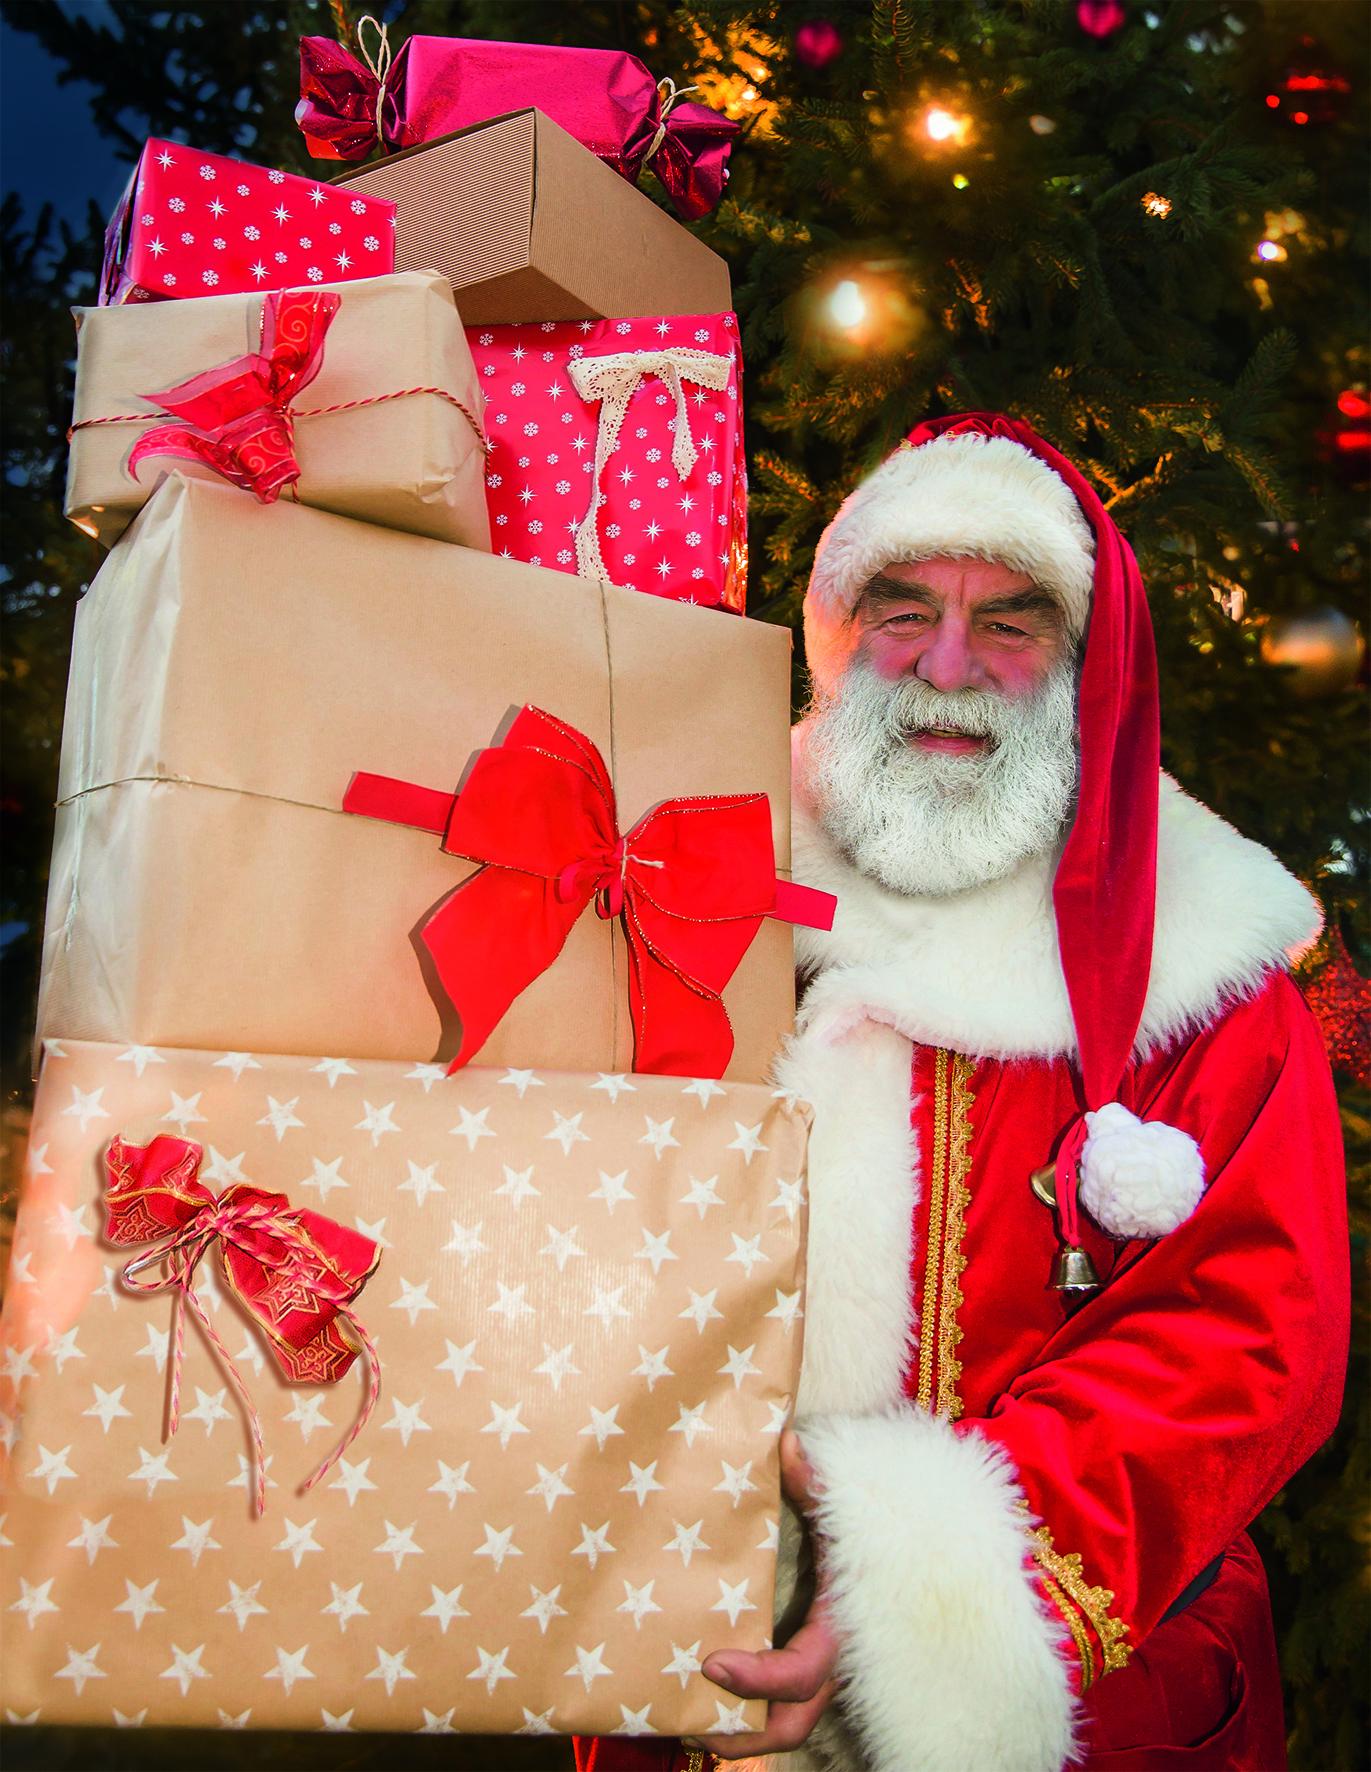 Weihnachtsmann mit Geschenkpaketen